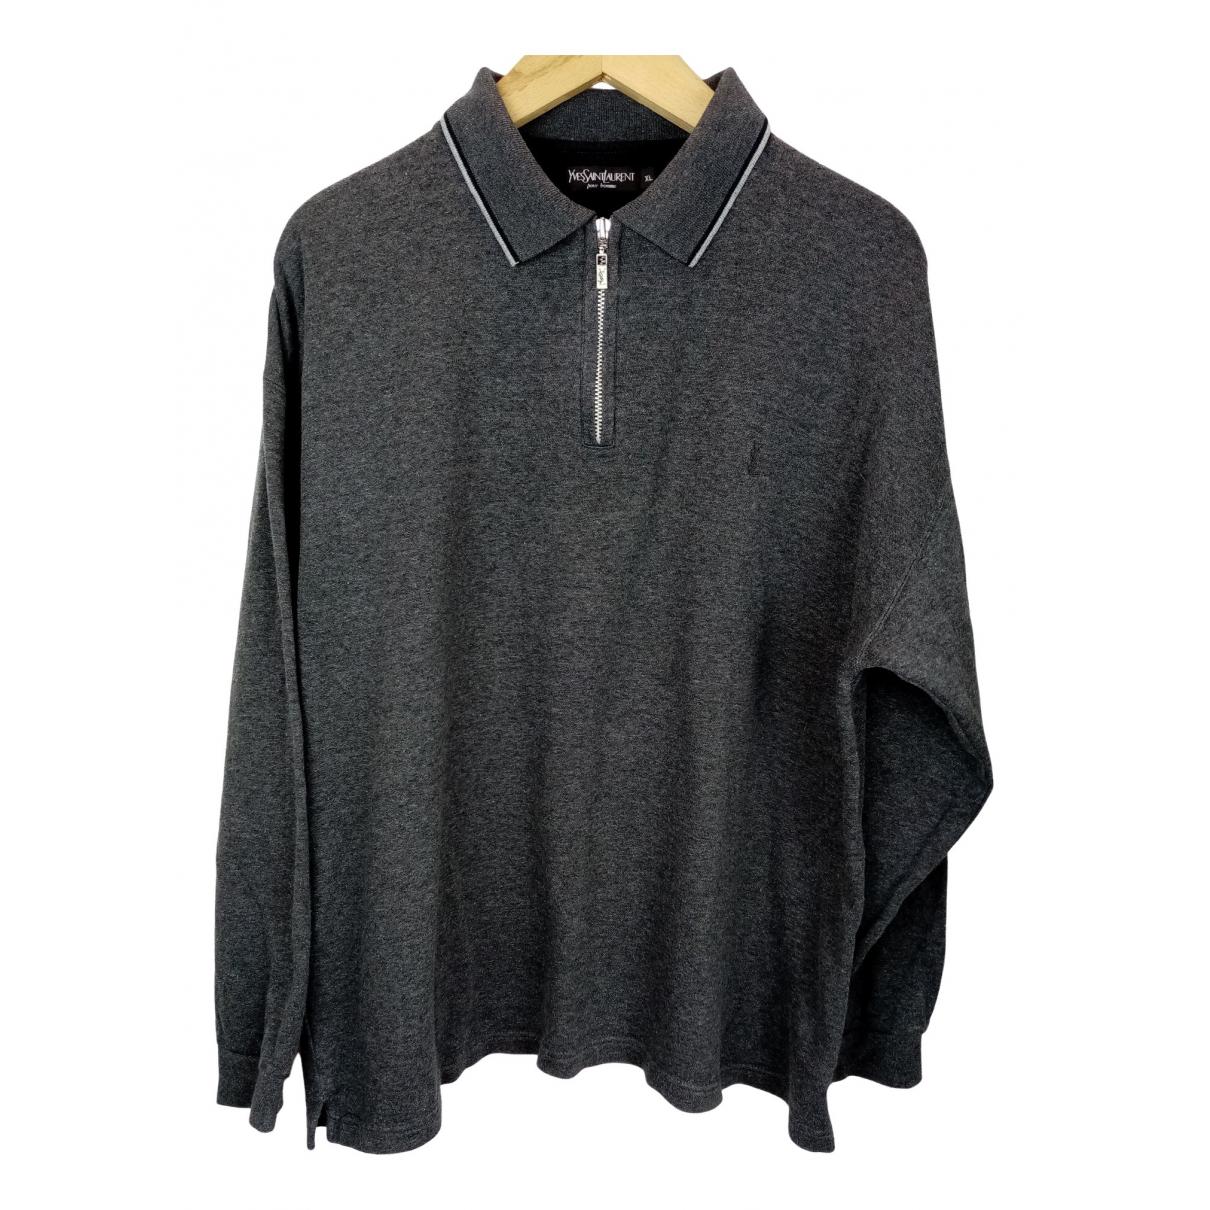 Yves Saint Laurent - Pulls.Gilets.Sweats   pour homme en coton - gris